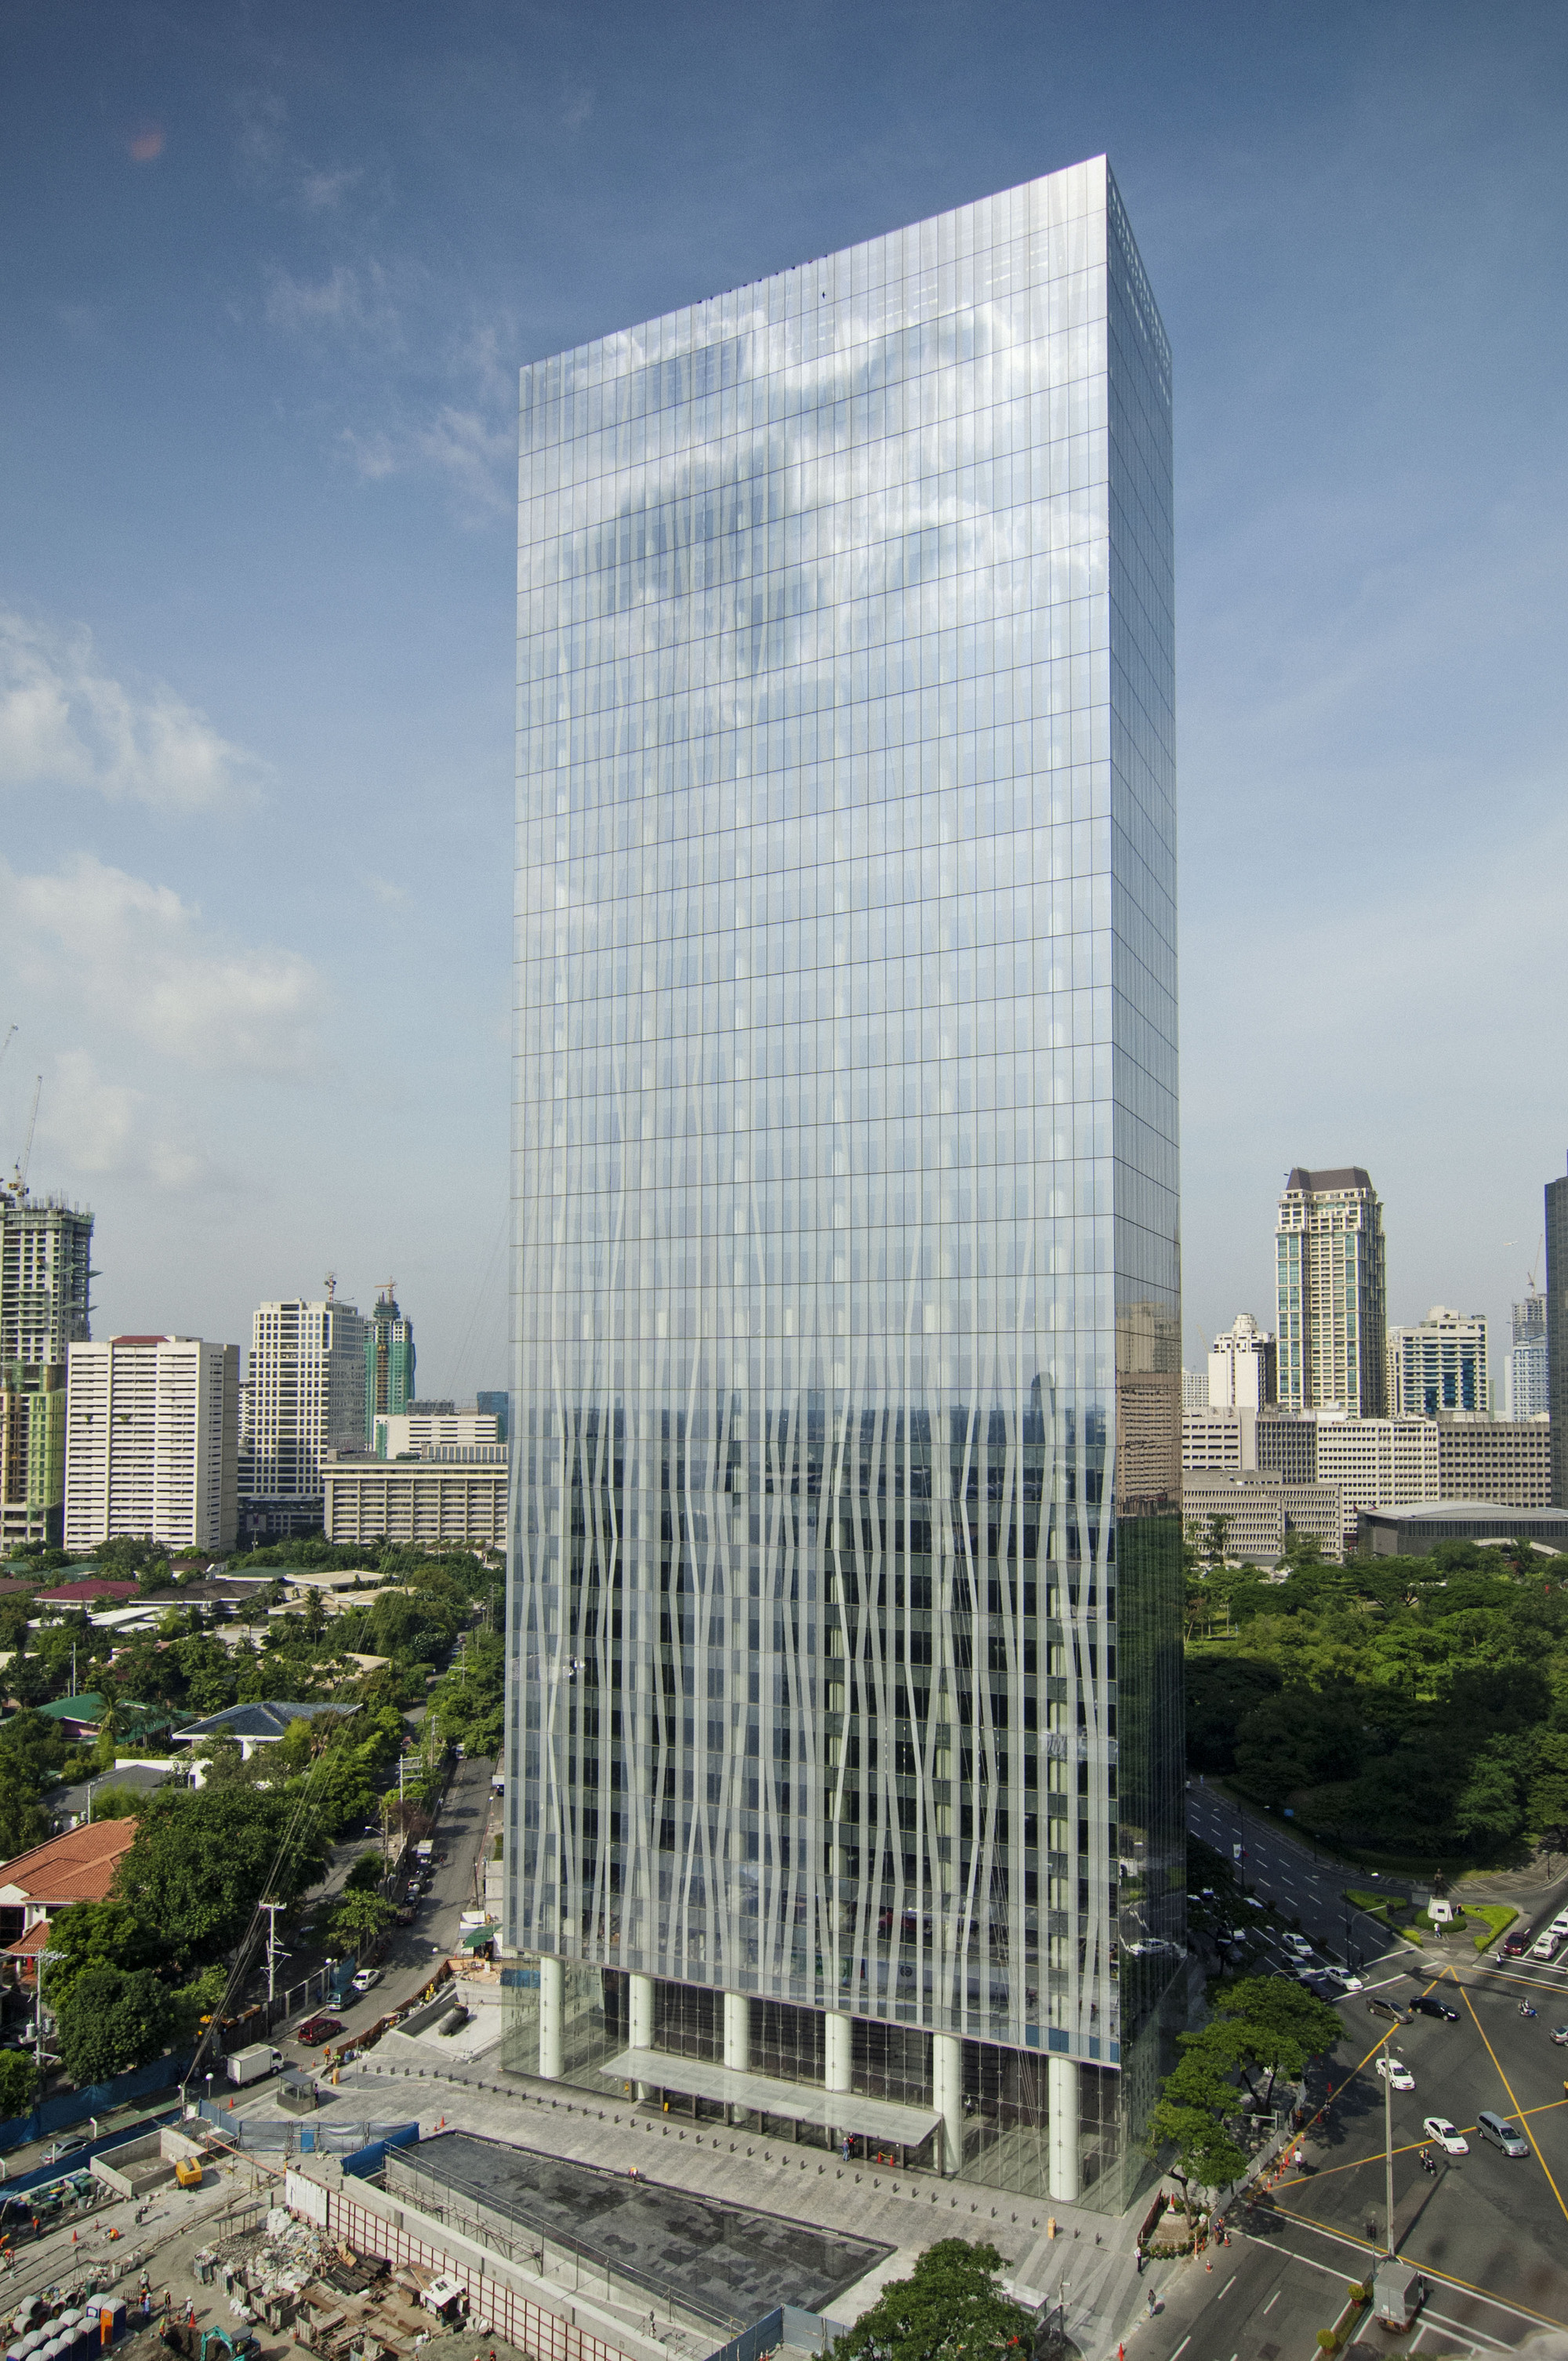 Zuellig Building The Skyscraper Center